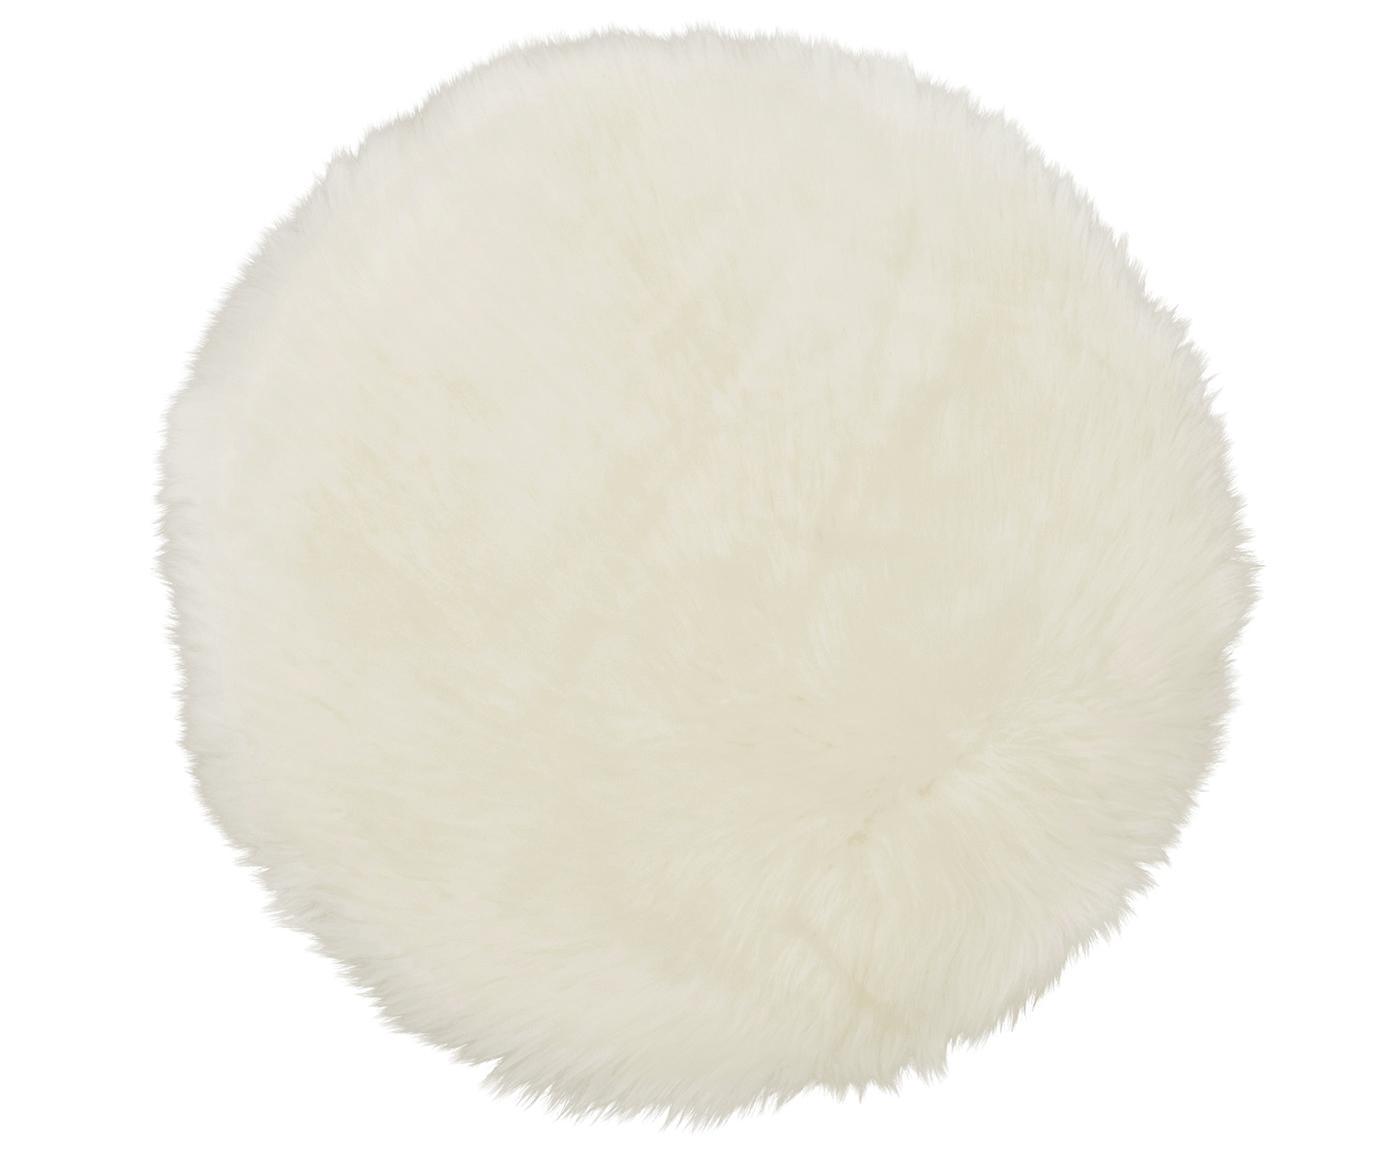 Cuscino sedia in pelliccia di pecora Oslo, Retro: 100% pelle, rivestito sen, Avorio, Ø 37 cm